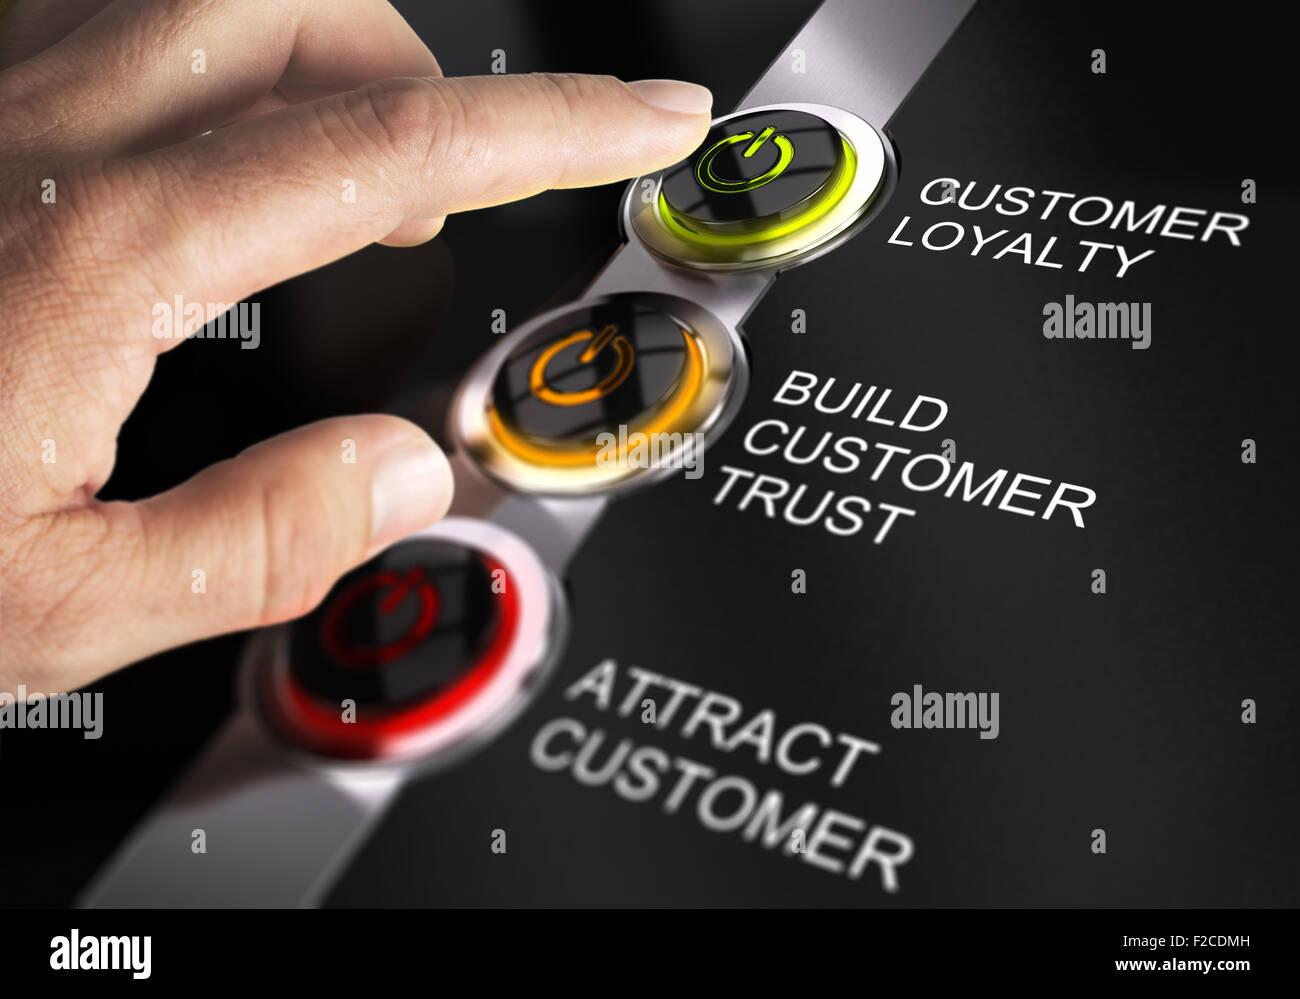 À propos de doigt pour appuyer sur le bouton de la fidélité du client. Concept pour l'illustration Photo Stock